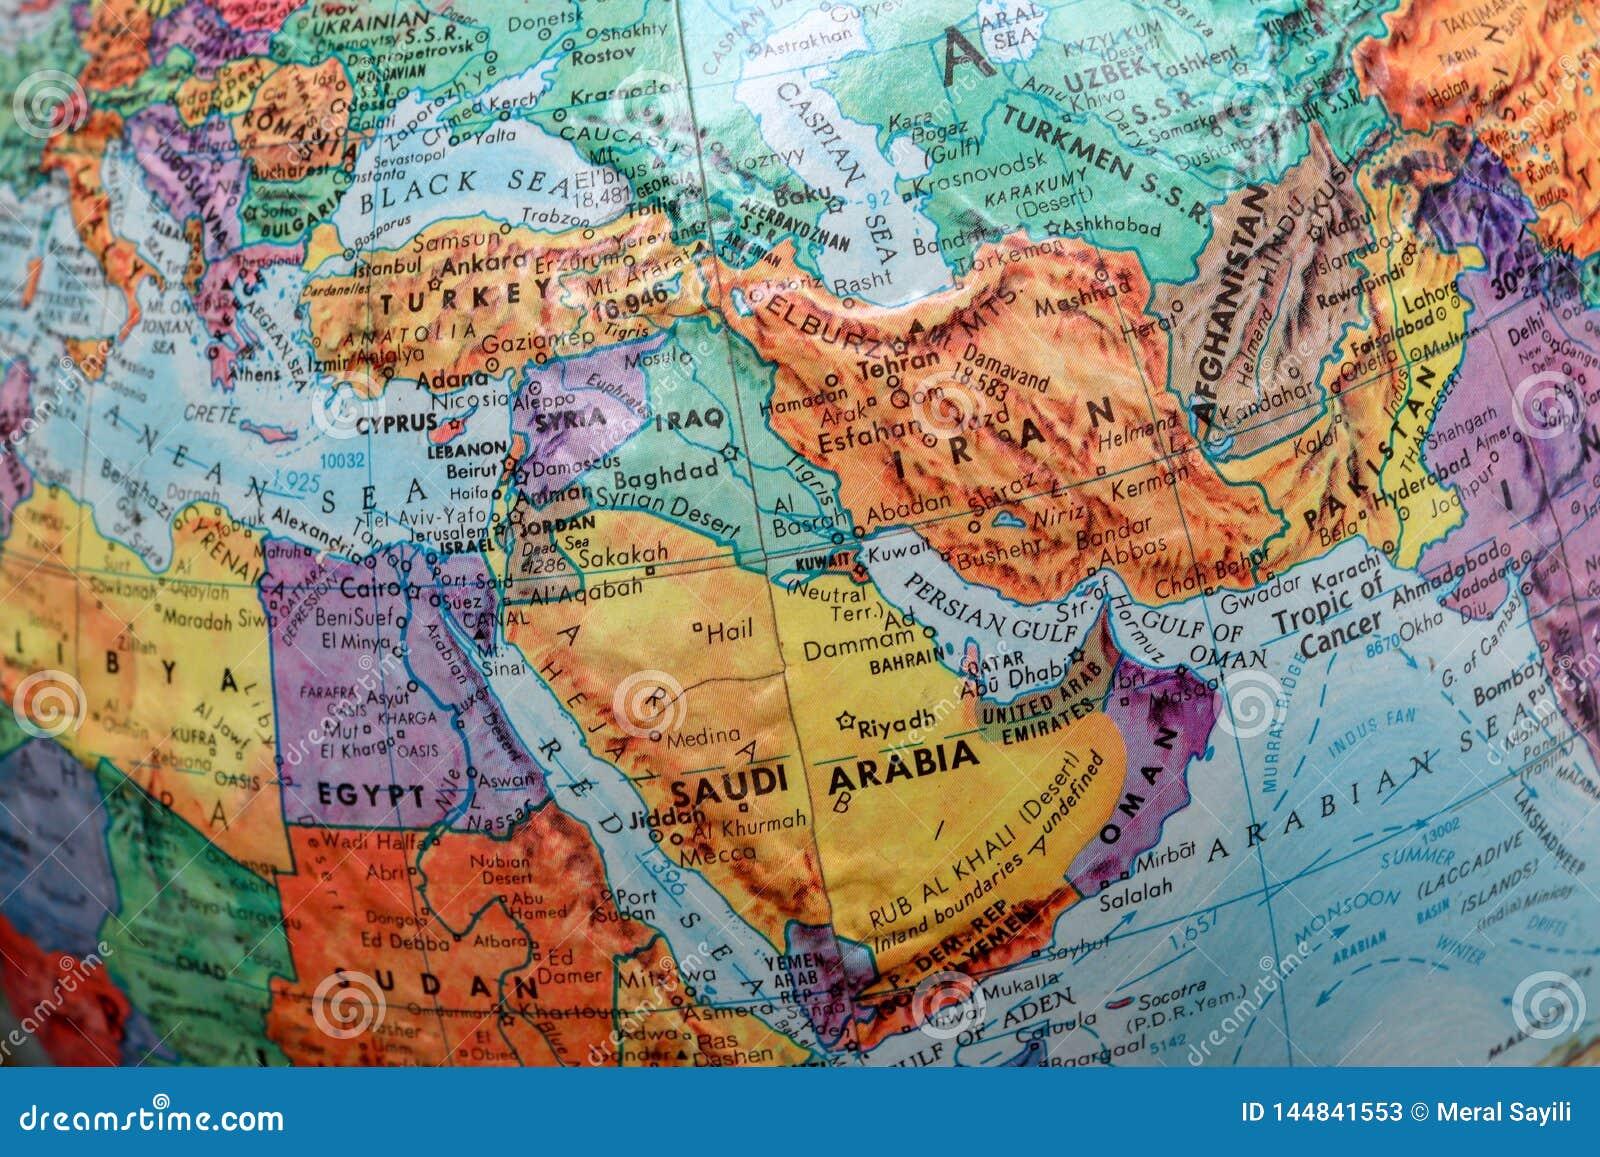 Old Print Map, terrestrial globe, Turkey, Iran, Iraq, Saudi Arabia